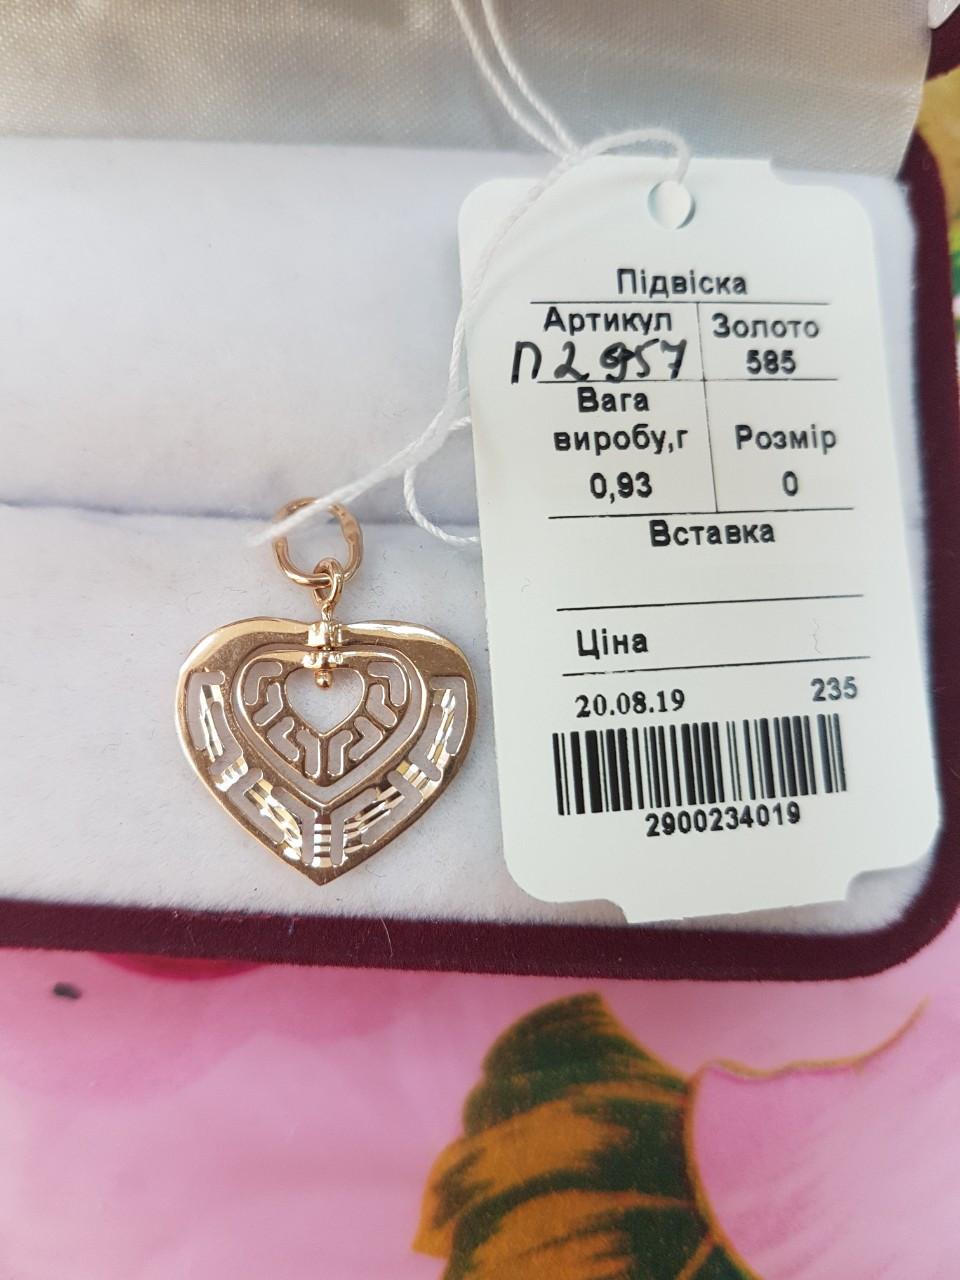 Золотой кулон в виде сердца 585пробы.